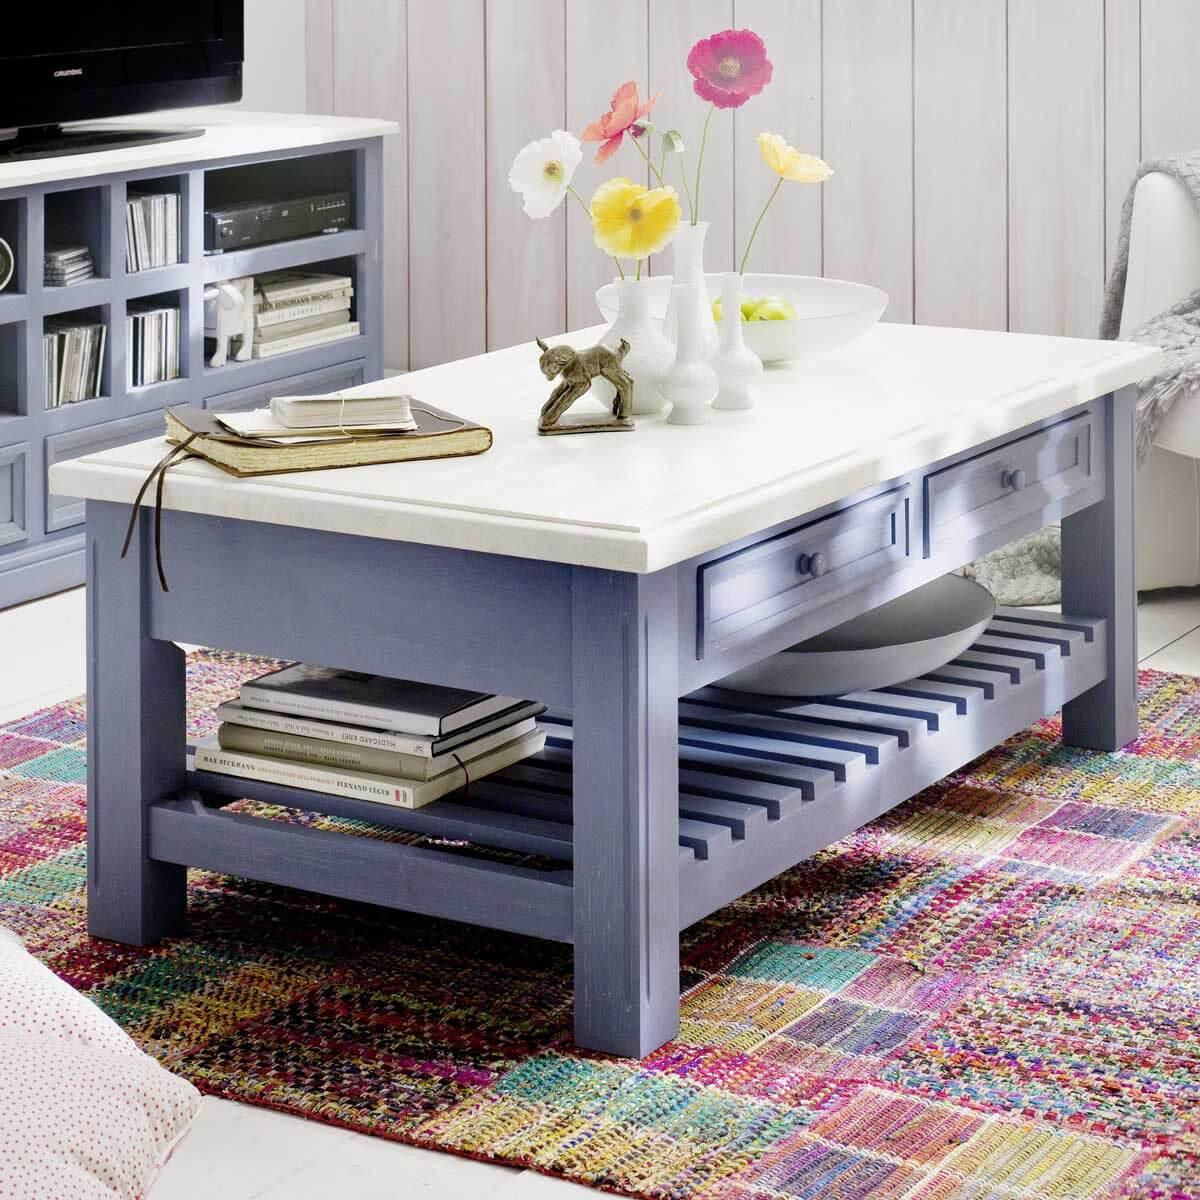 badm bel landhausstil blau die beste inspiration f r. Black Bedroom Furniture Sets. Home Design Ideas